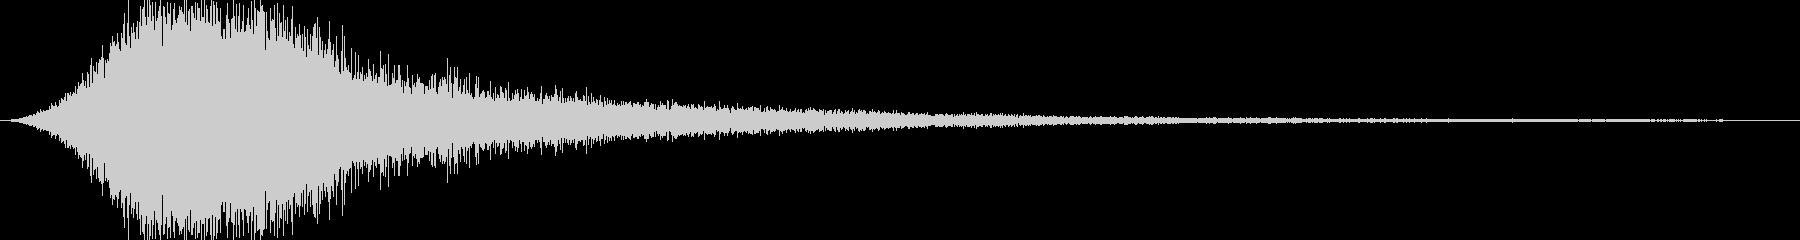 何かが生み出される音の未再生の波形